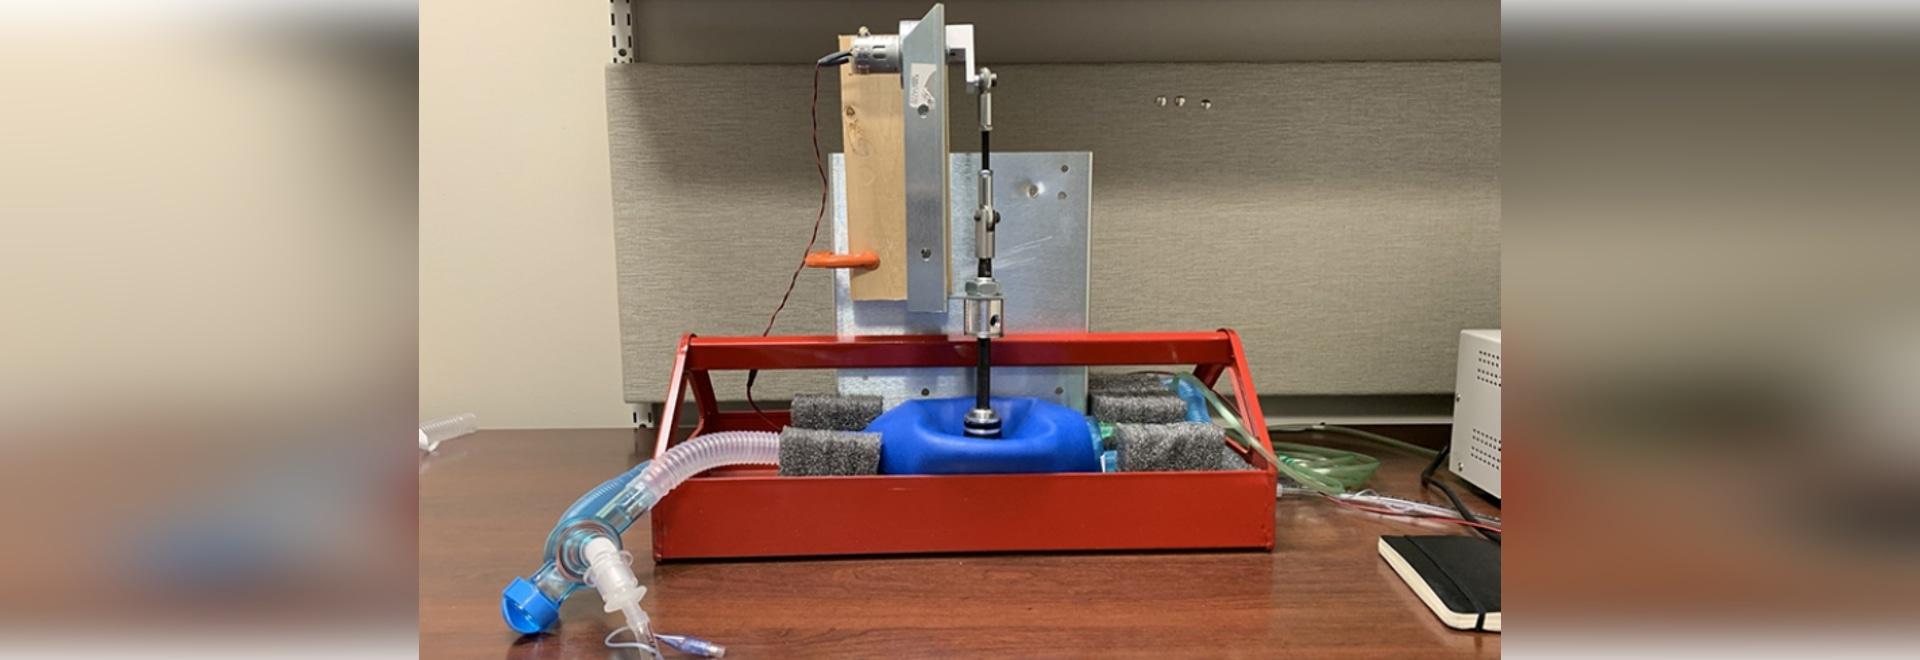 L'Università del Minnesota sviluppa un ventilatore meccanico più semplice e poco costoso